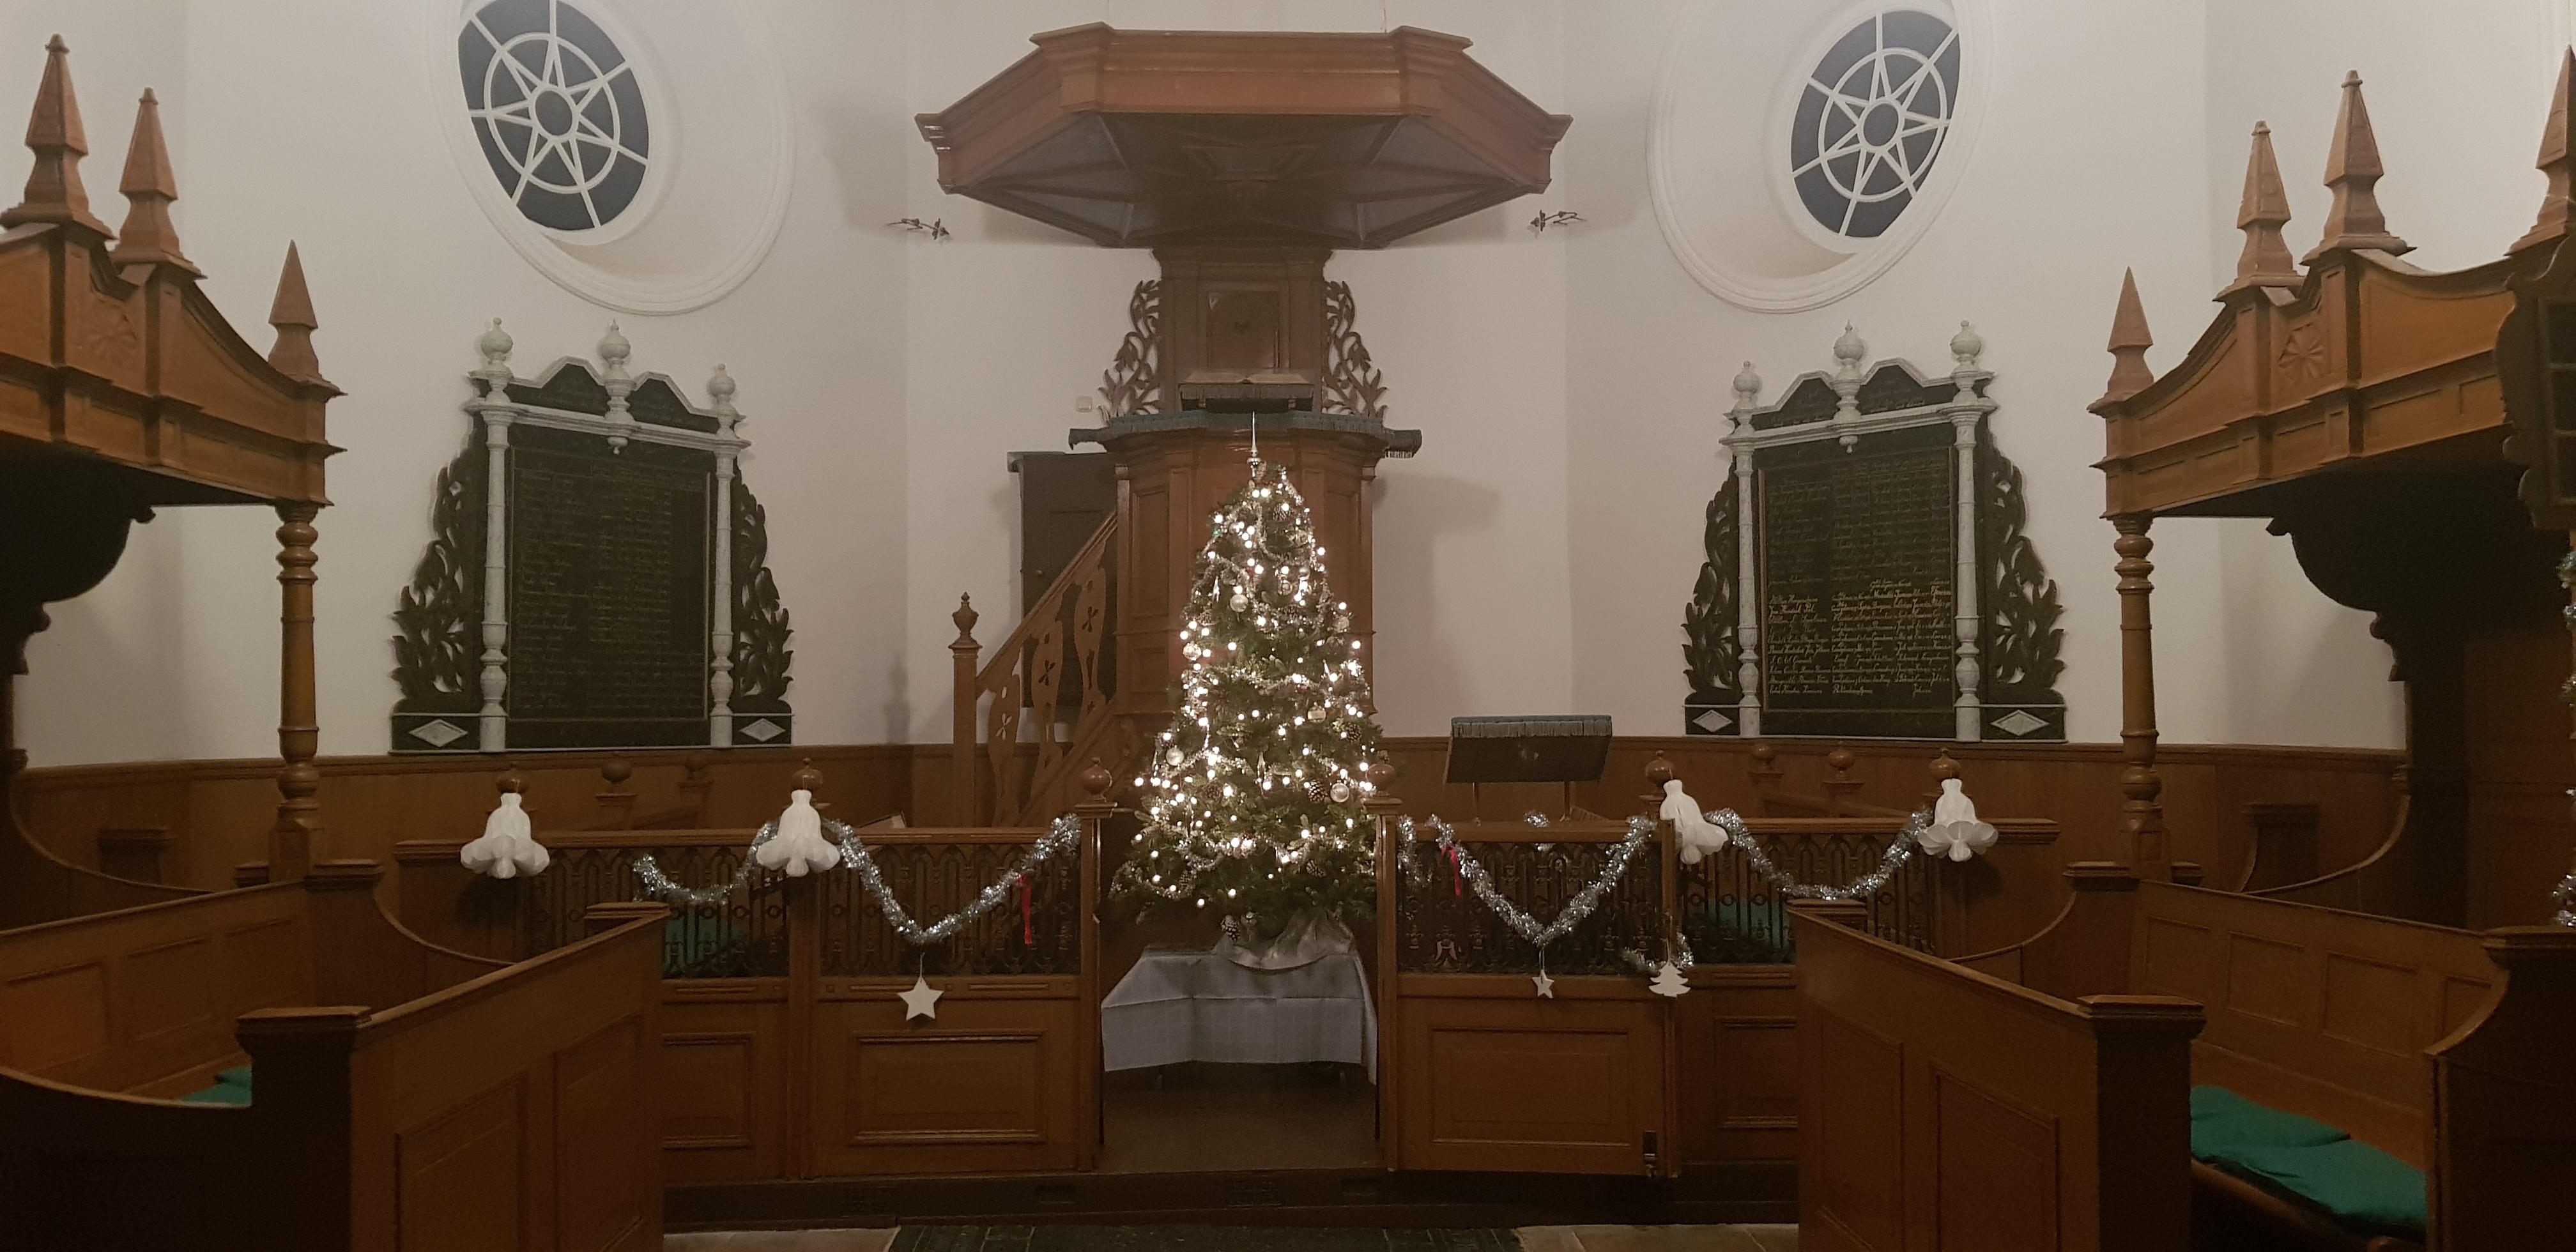 Kerk in Kerstsfeer